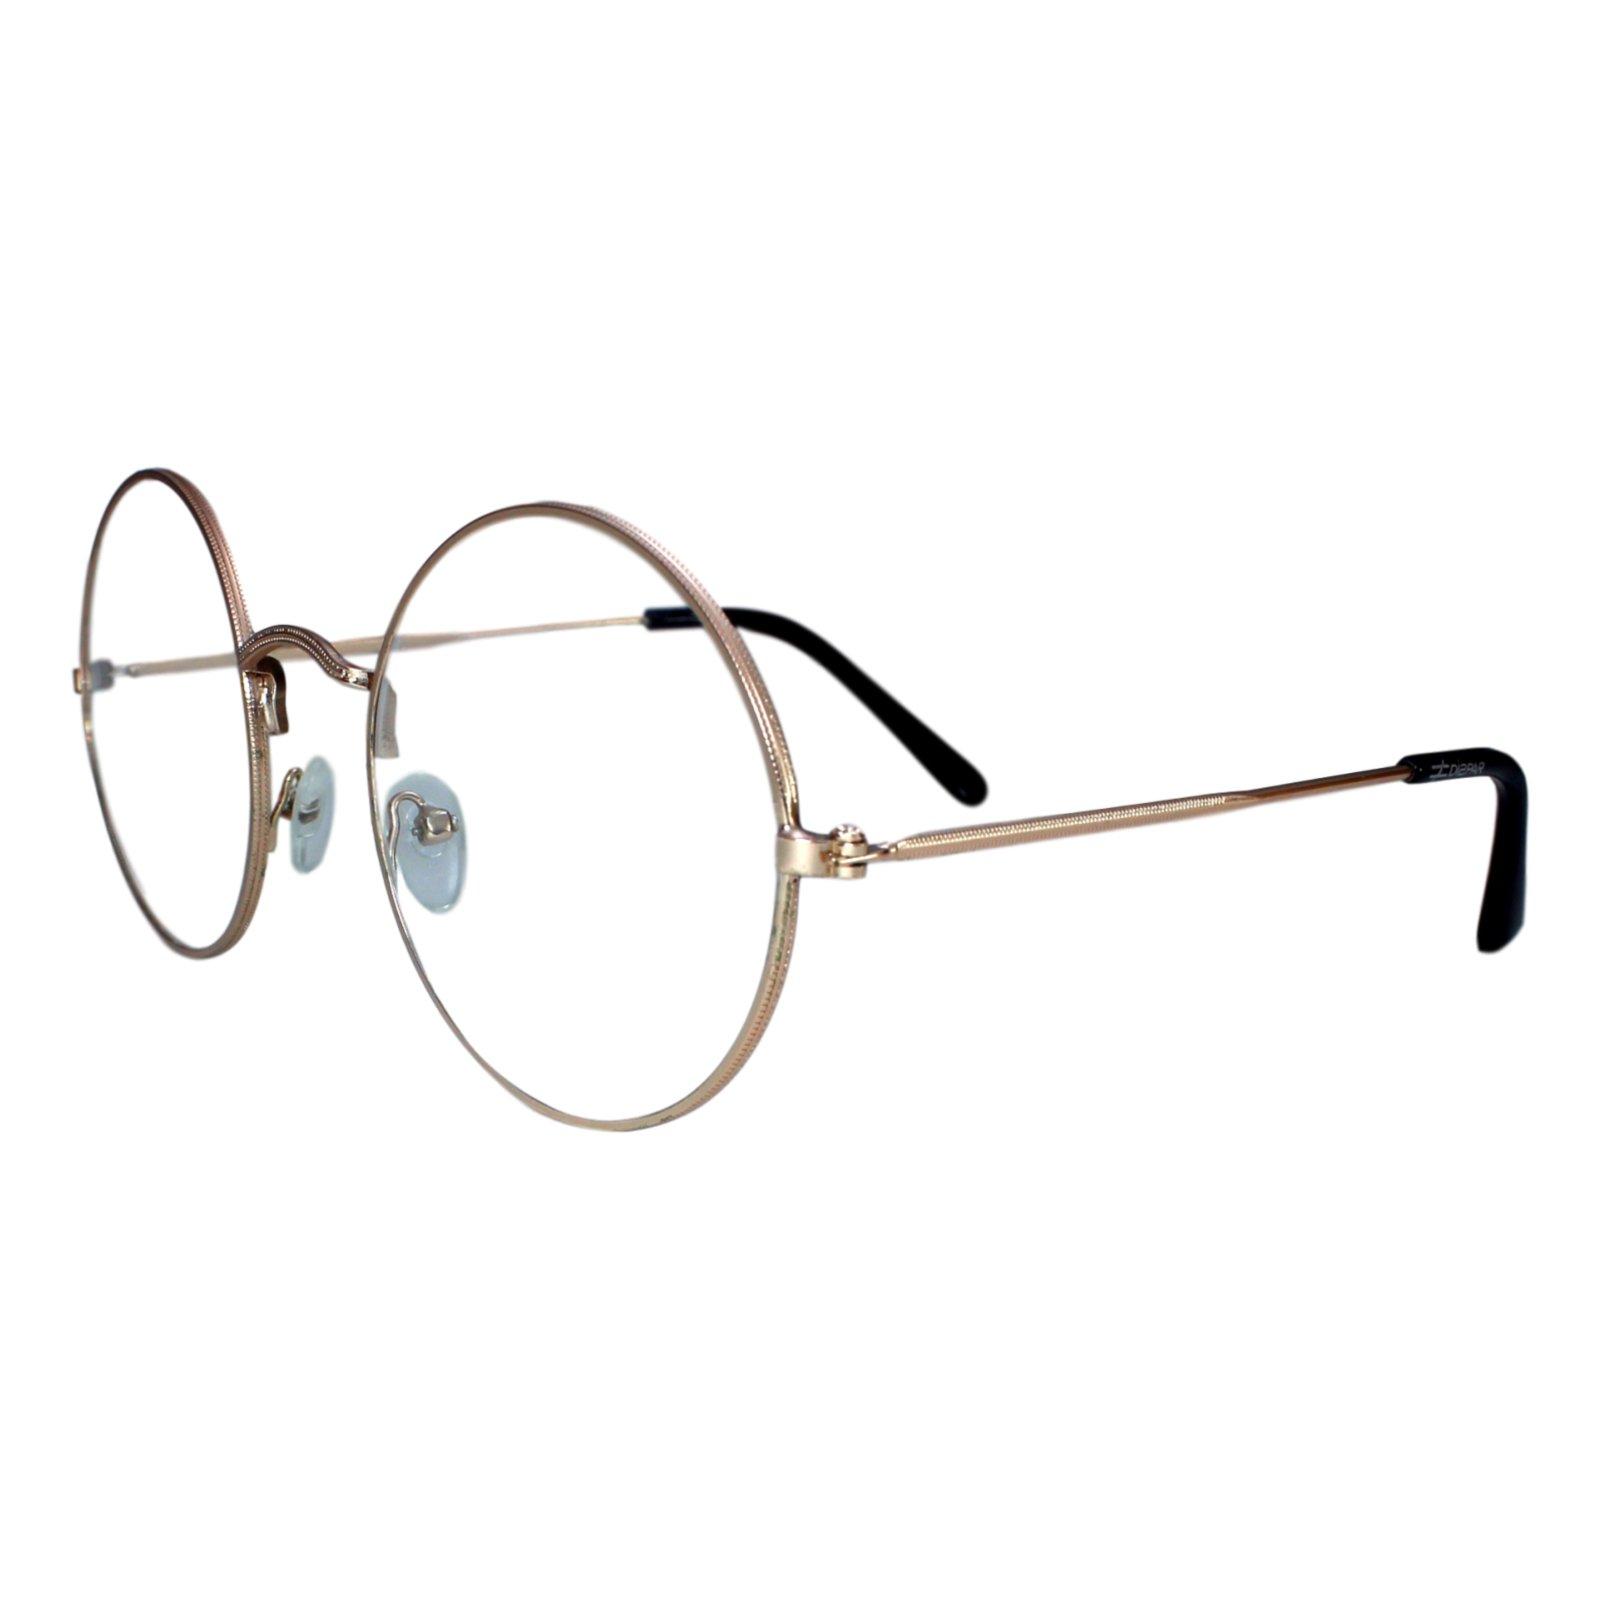 Armação Para óculos Díspar D1646 Redondo Grande Dourado Compre Agora Dafiti Brasil